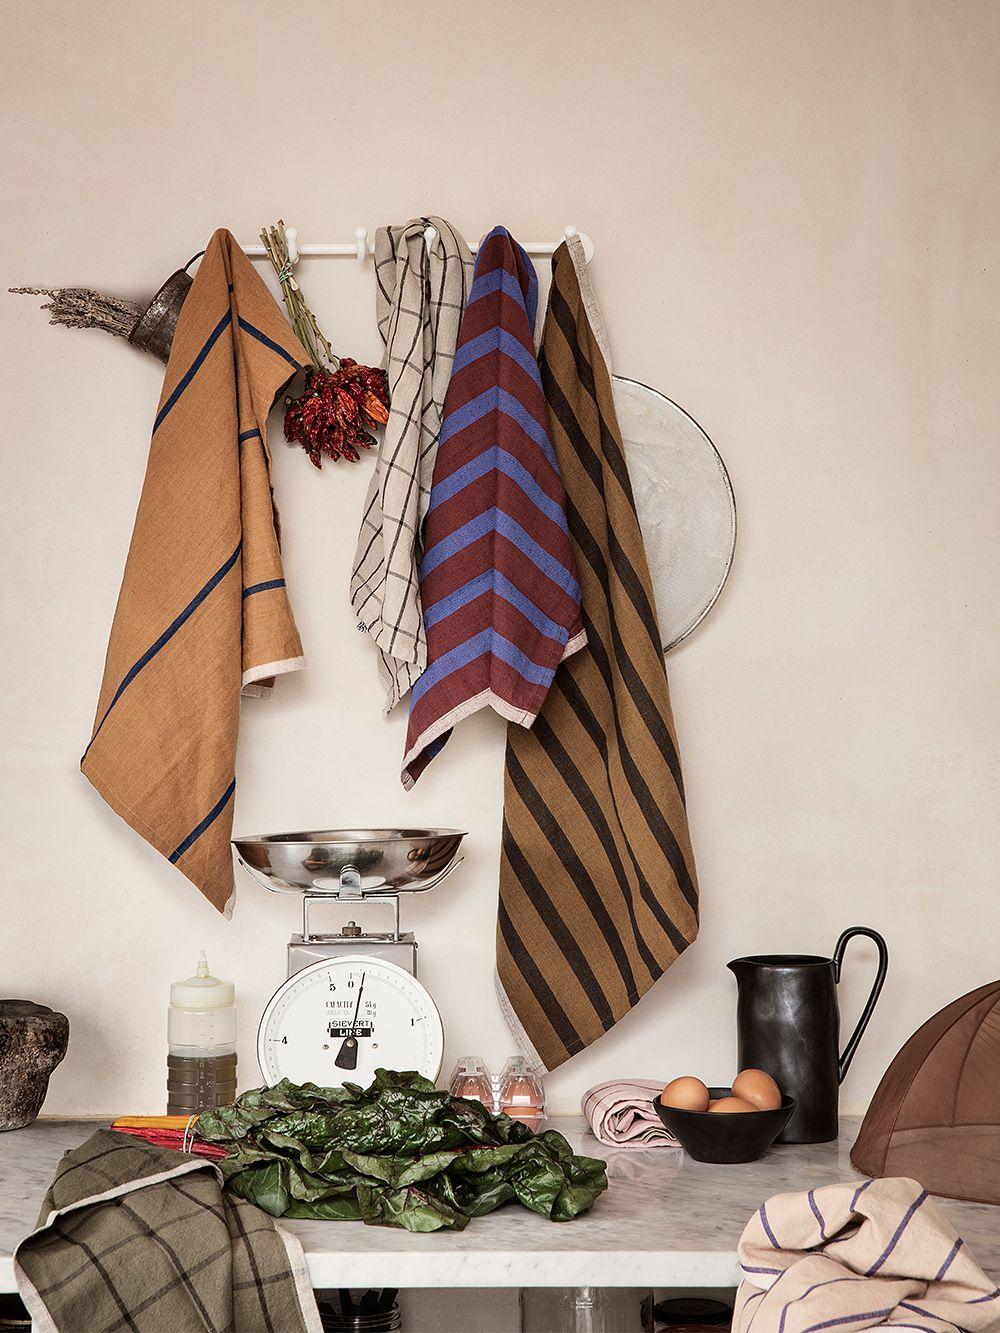 Ferm Living's Hale tea towels in different colors.